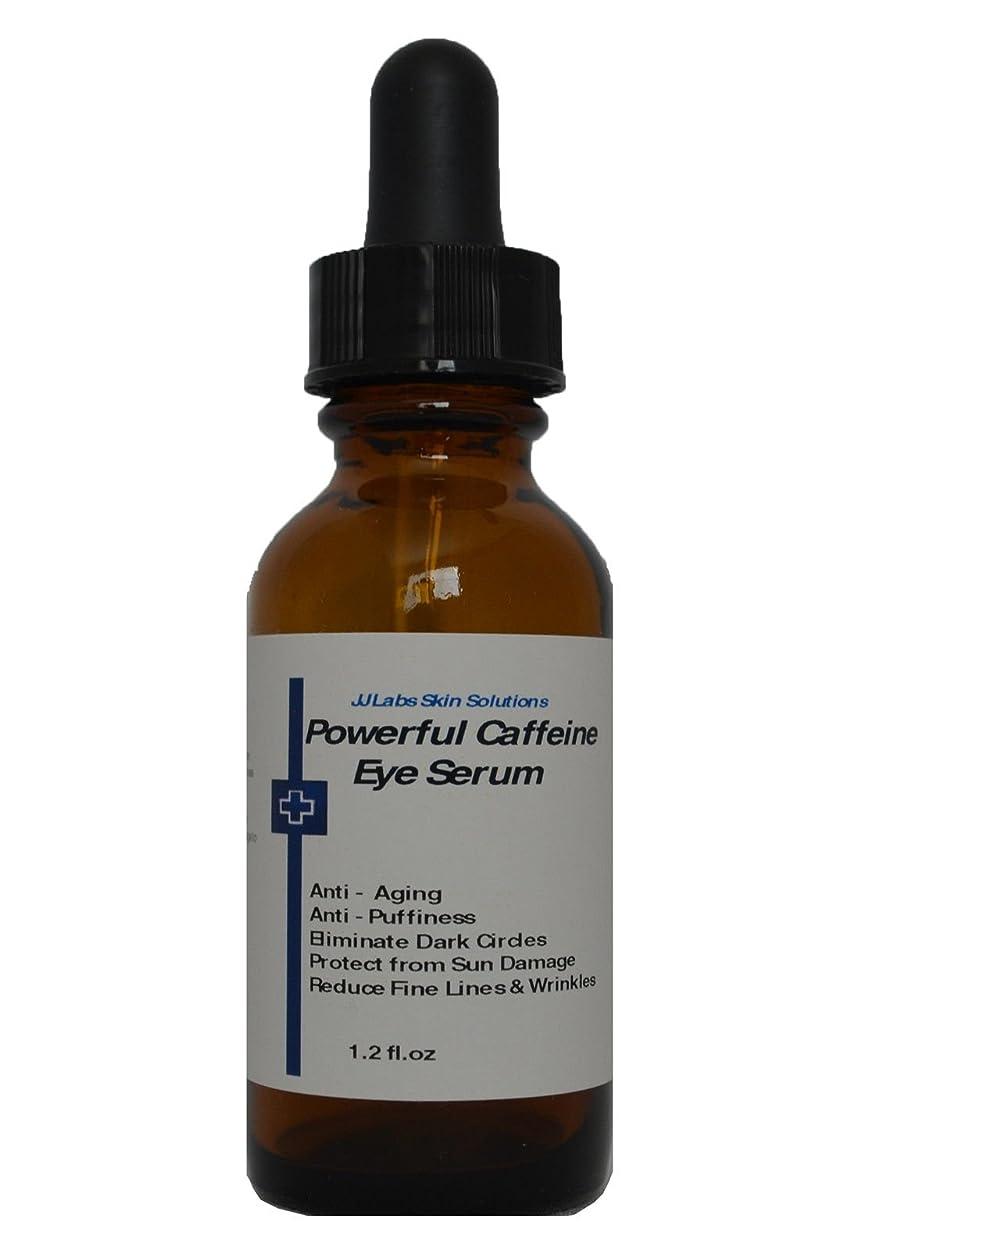 繰り返すロバスツール強力カフェイン目のくま、腫れ、しわ向け化粧品 110g